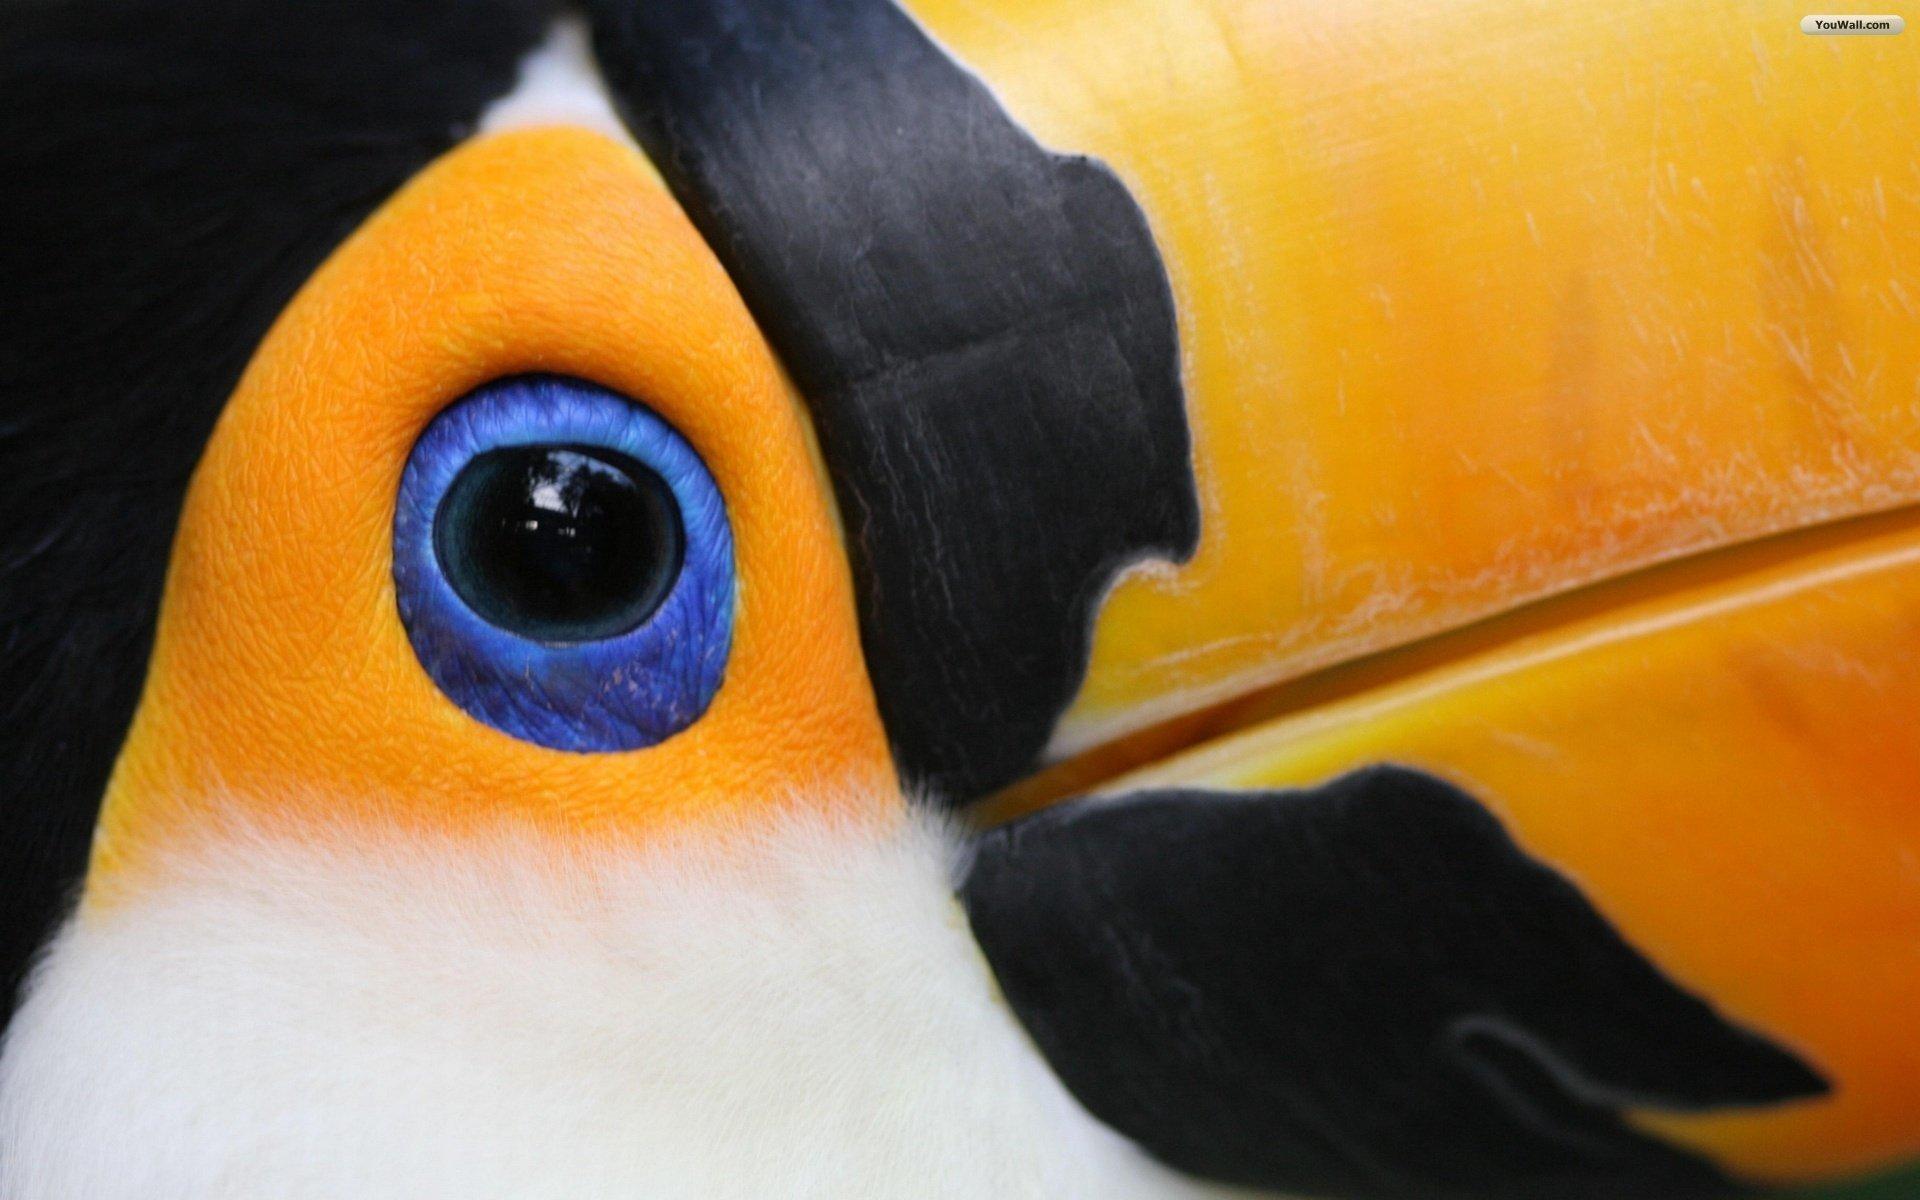 Animaux - Toco toucan  Fond d'écran